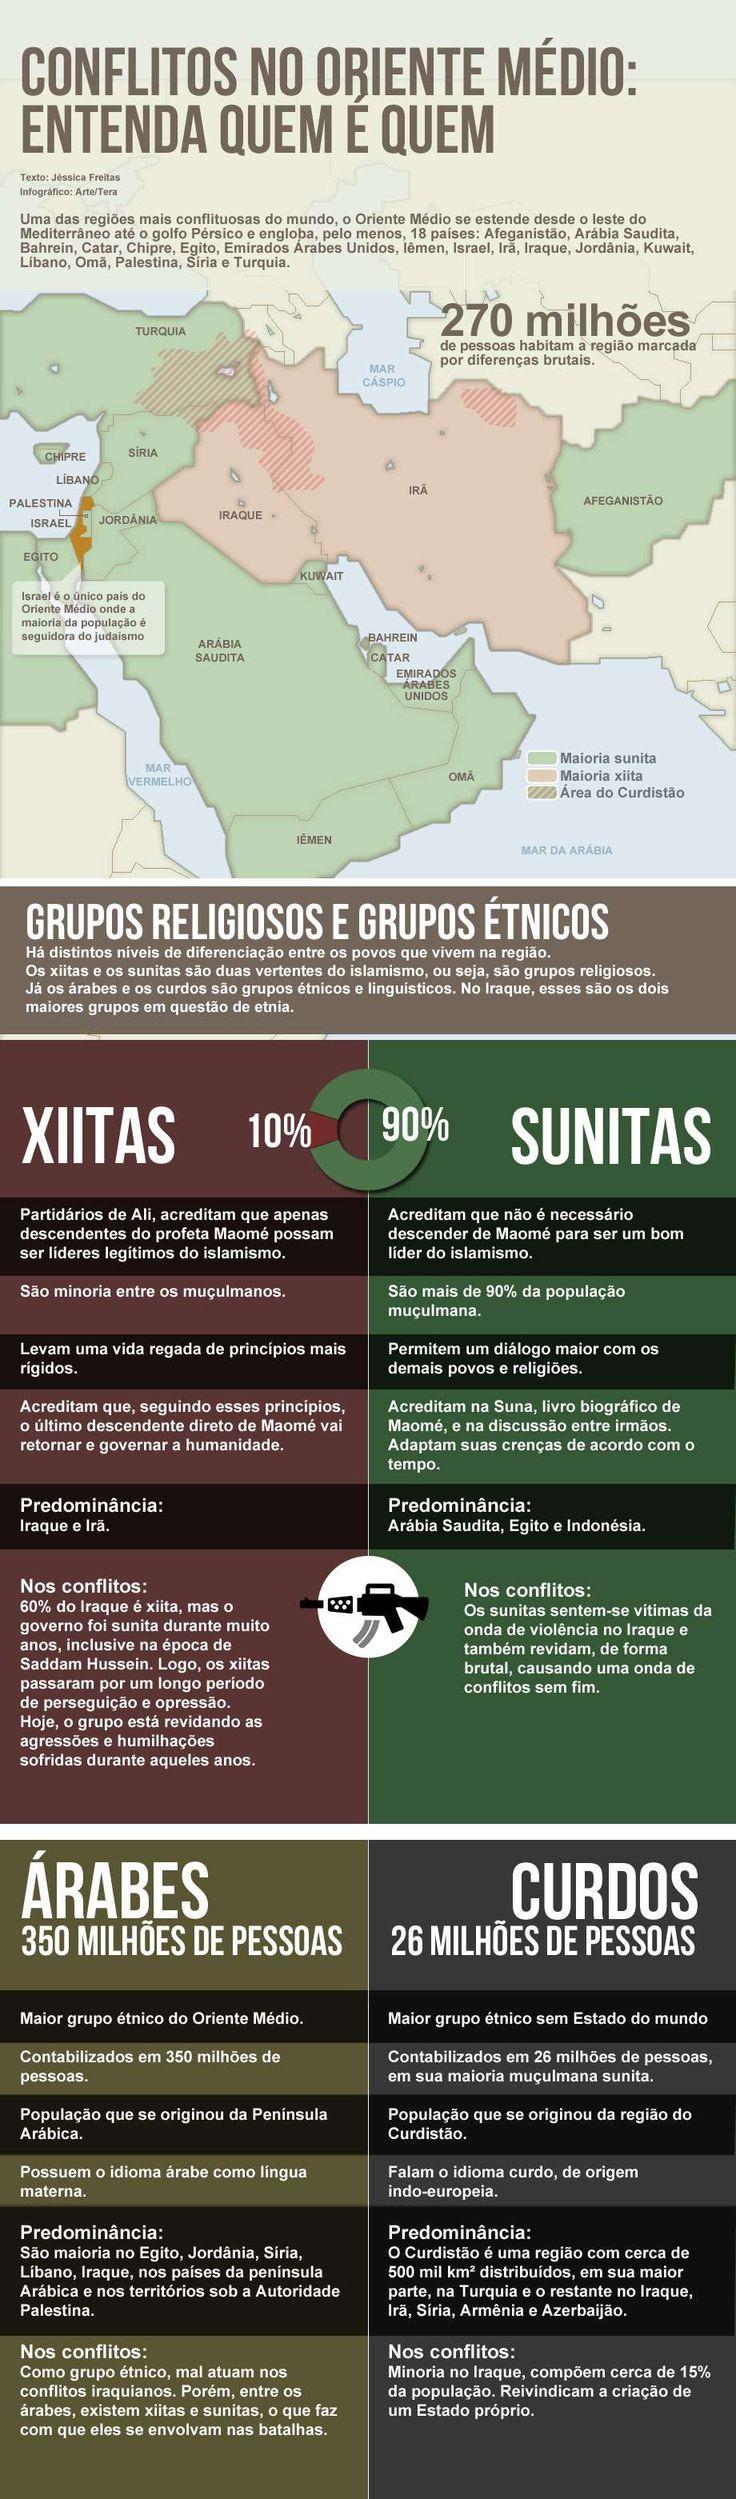 Sunitas, xiitas e curdos; entenda quem é quem no mundo árabe - Terra Brasil